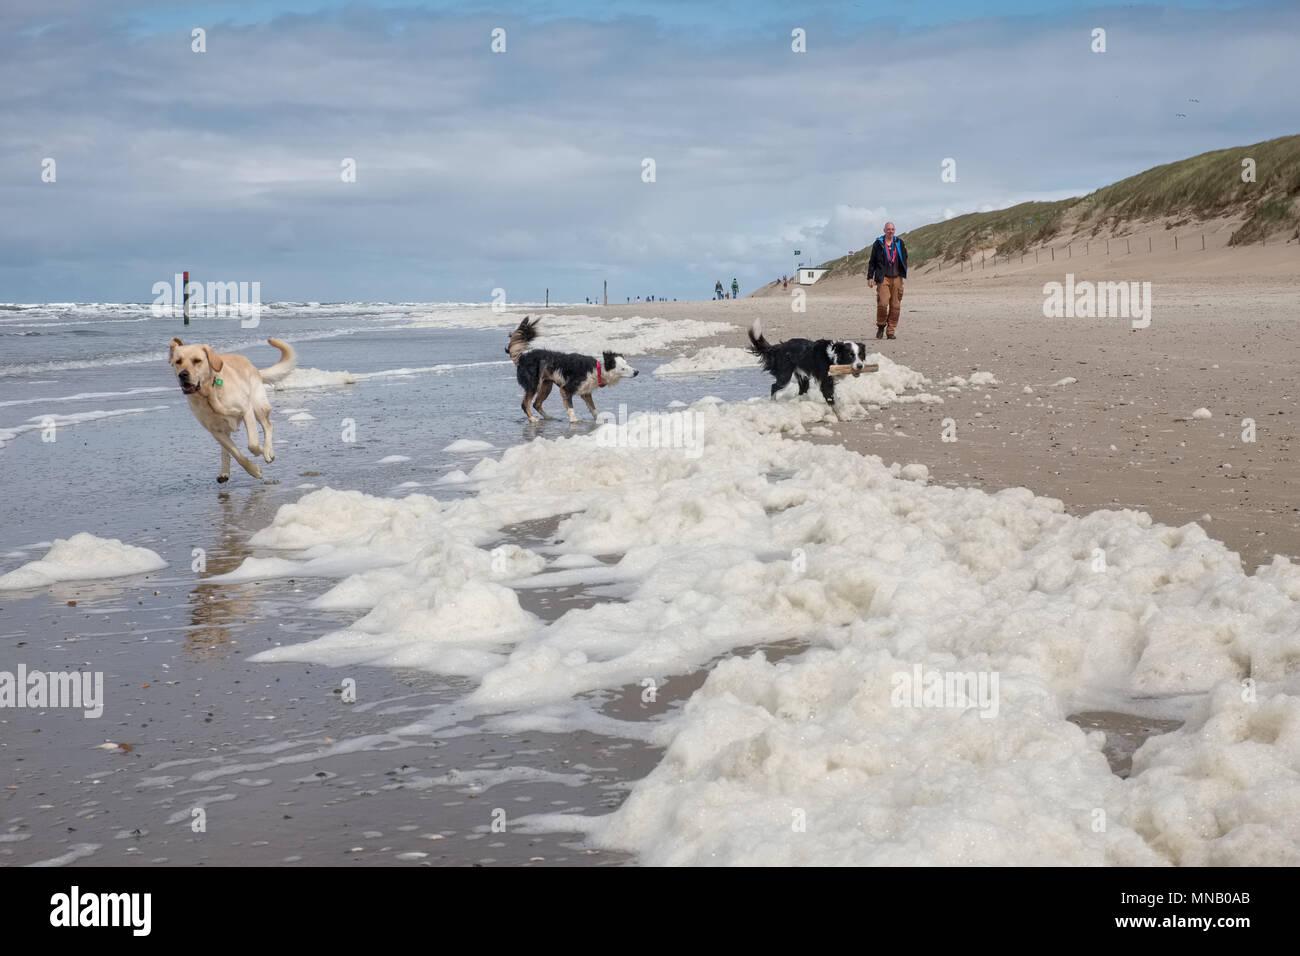 Tres perros jugando en una playa cubiertos de algas, el domingo 15 de mayo de 2016, Texel, en los Países Bajos. Foto de stock